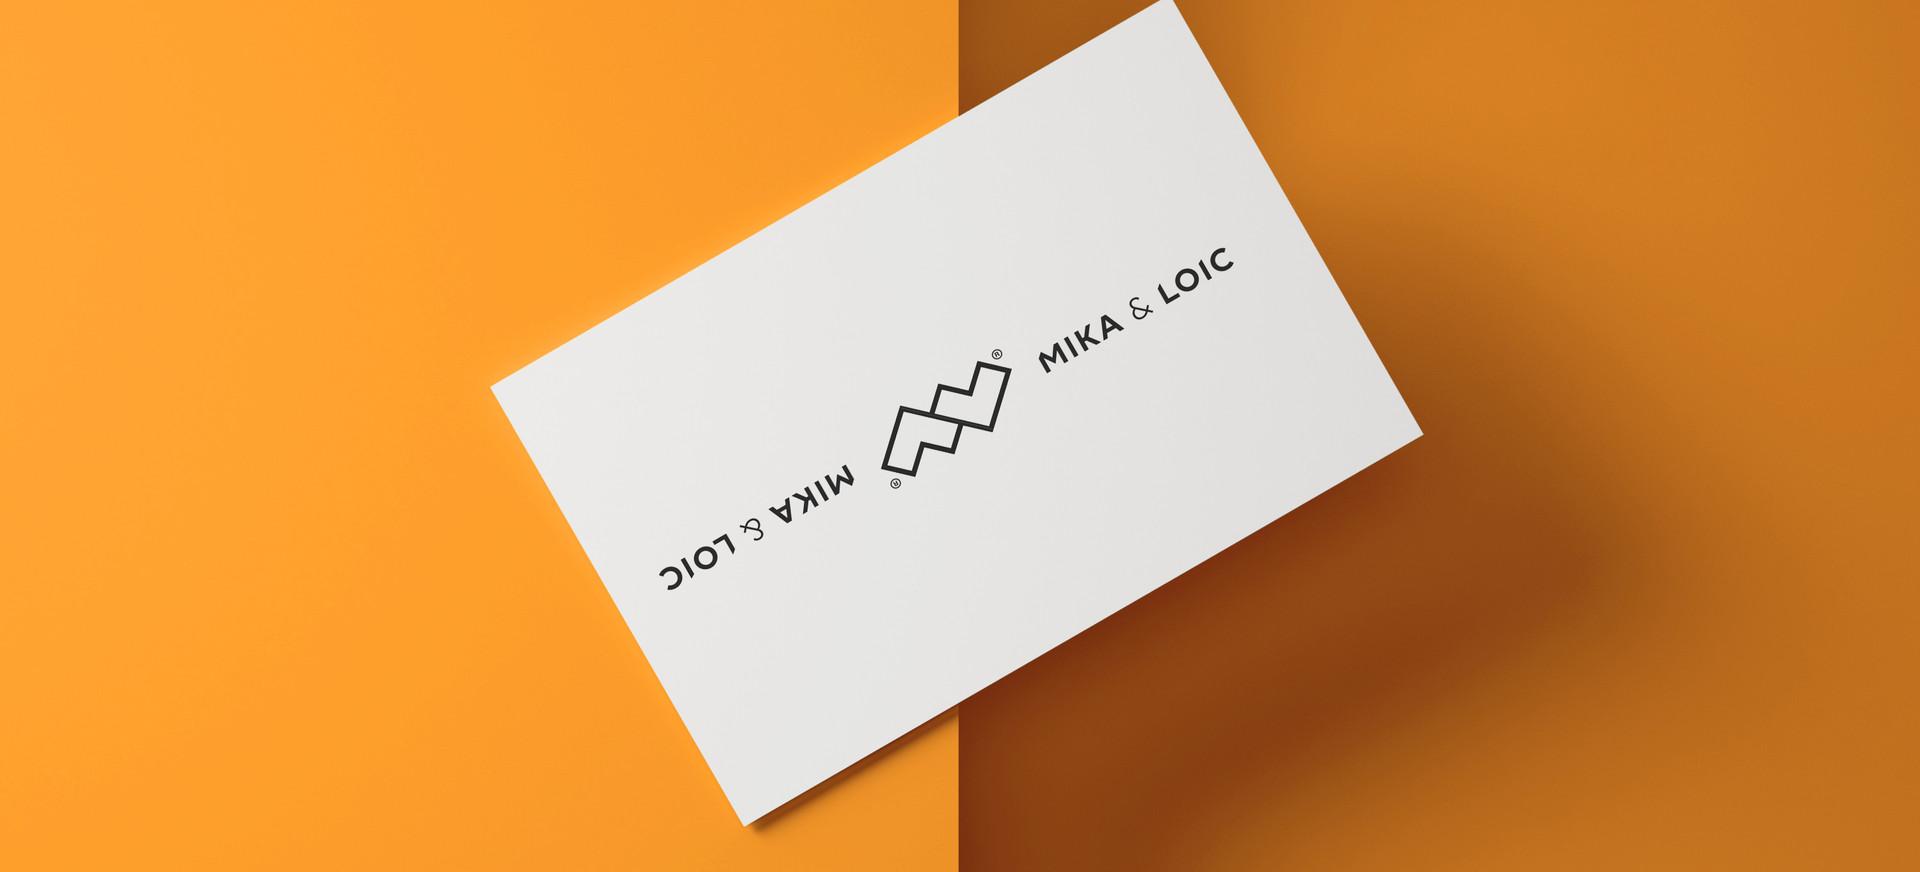 Mika&Loic-WOOPStudio-27.jpg